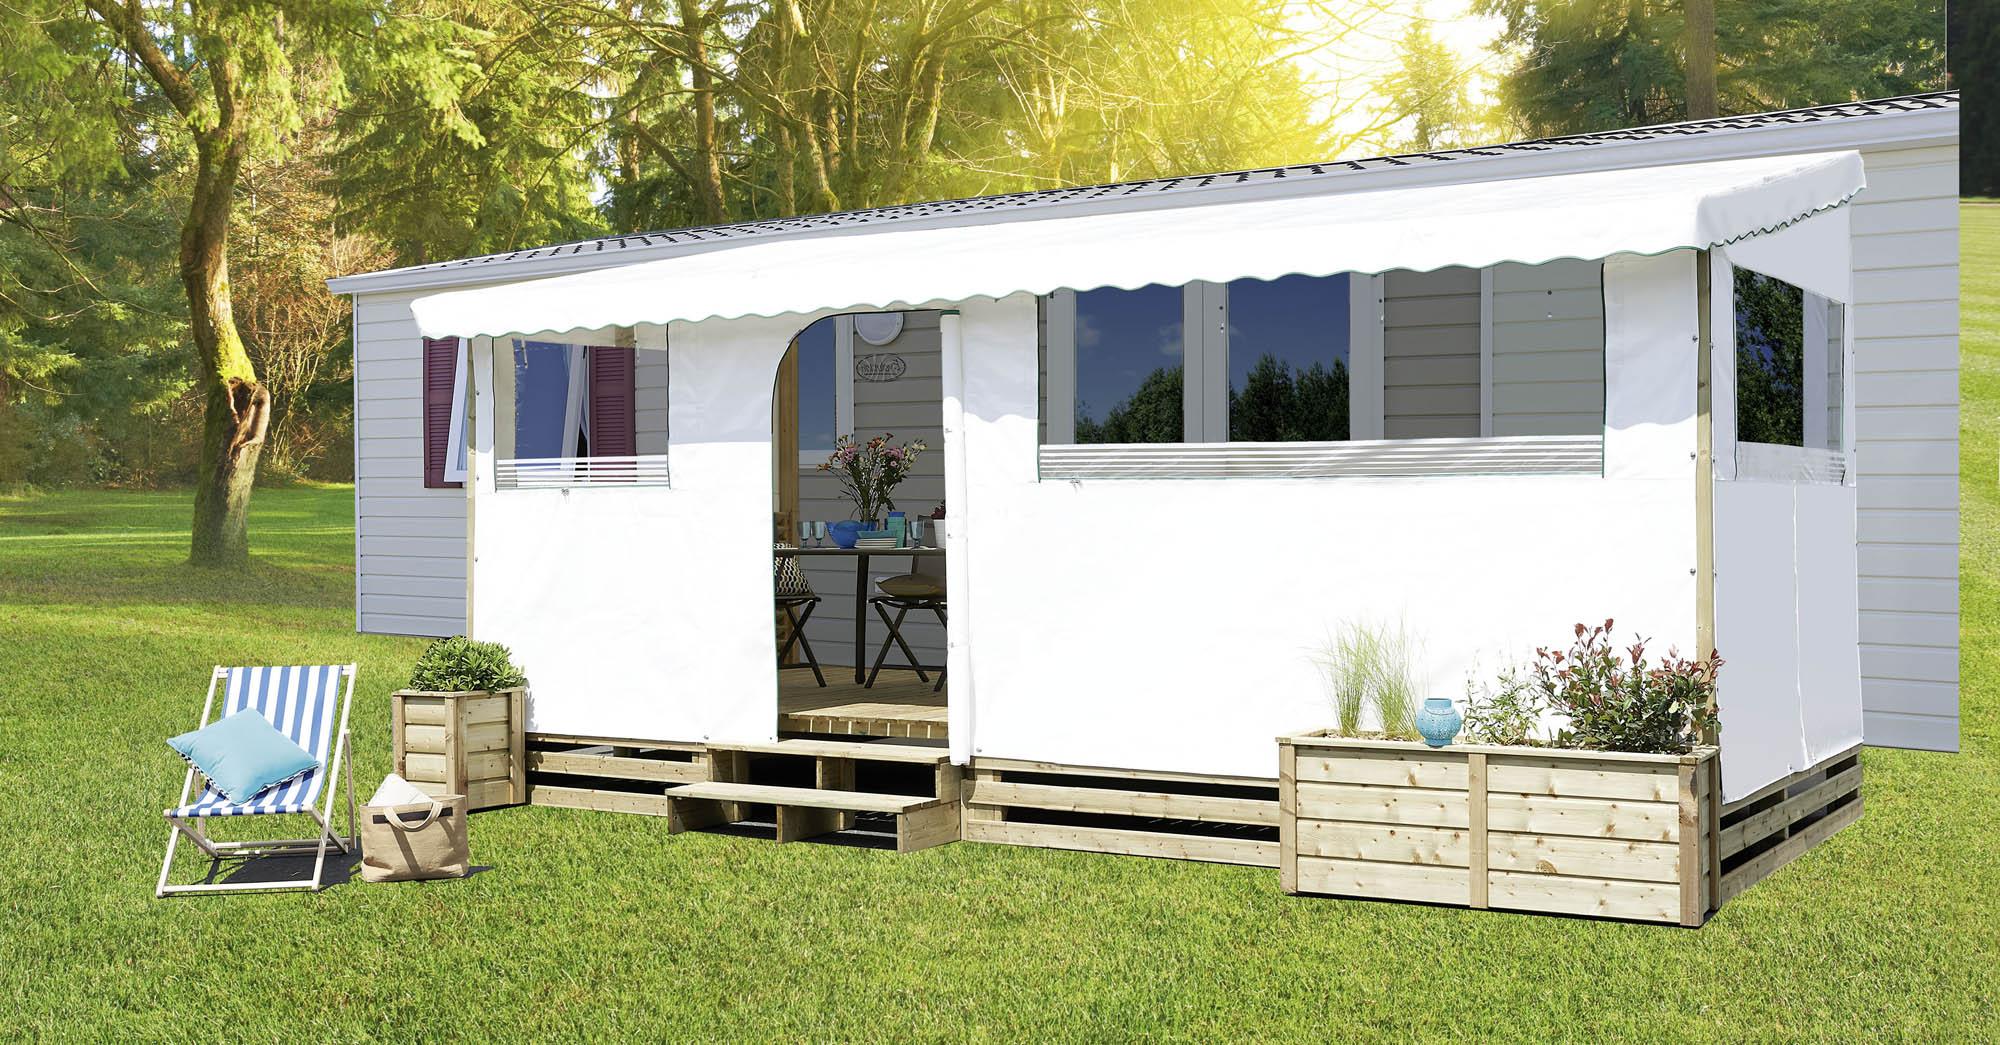 B ches pvc sur mesures pour terrasse de mobil home toit - Bache pour serre sur mesure ...